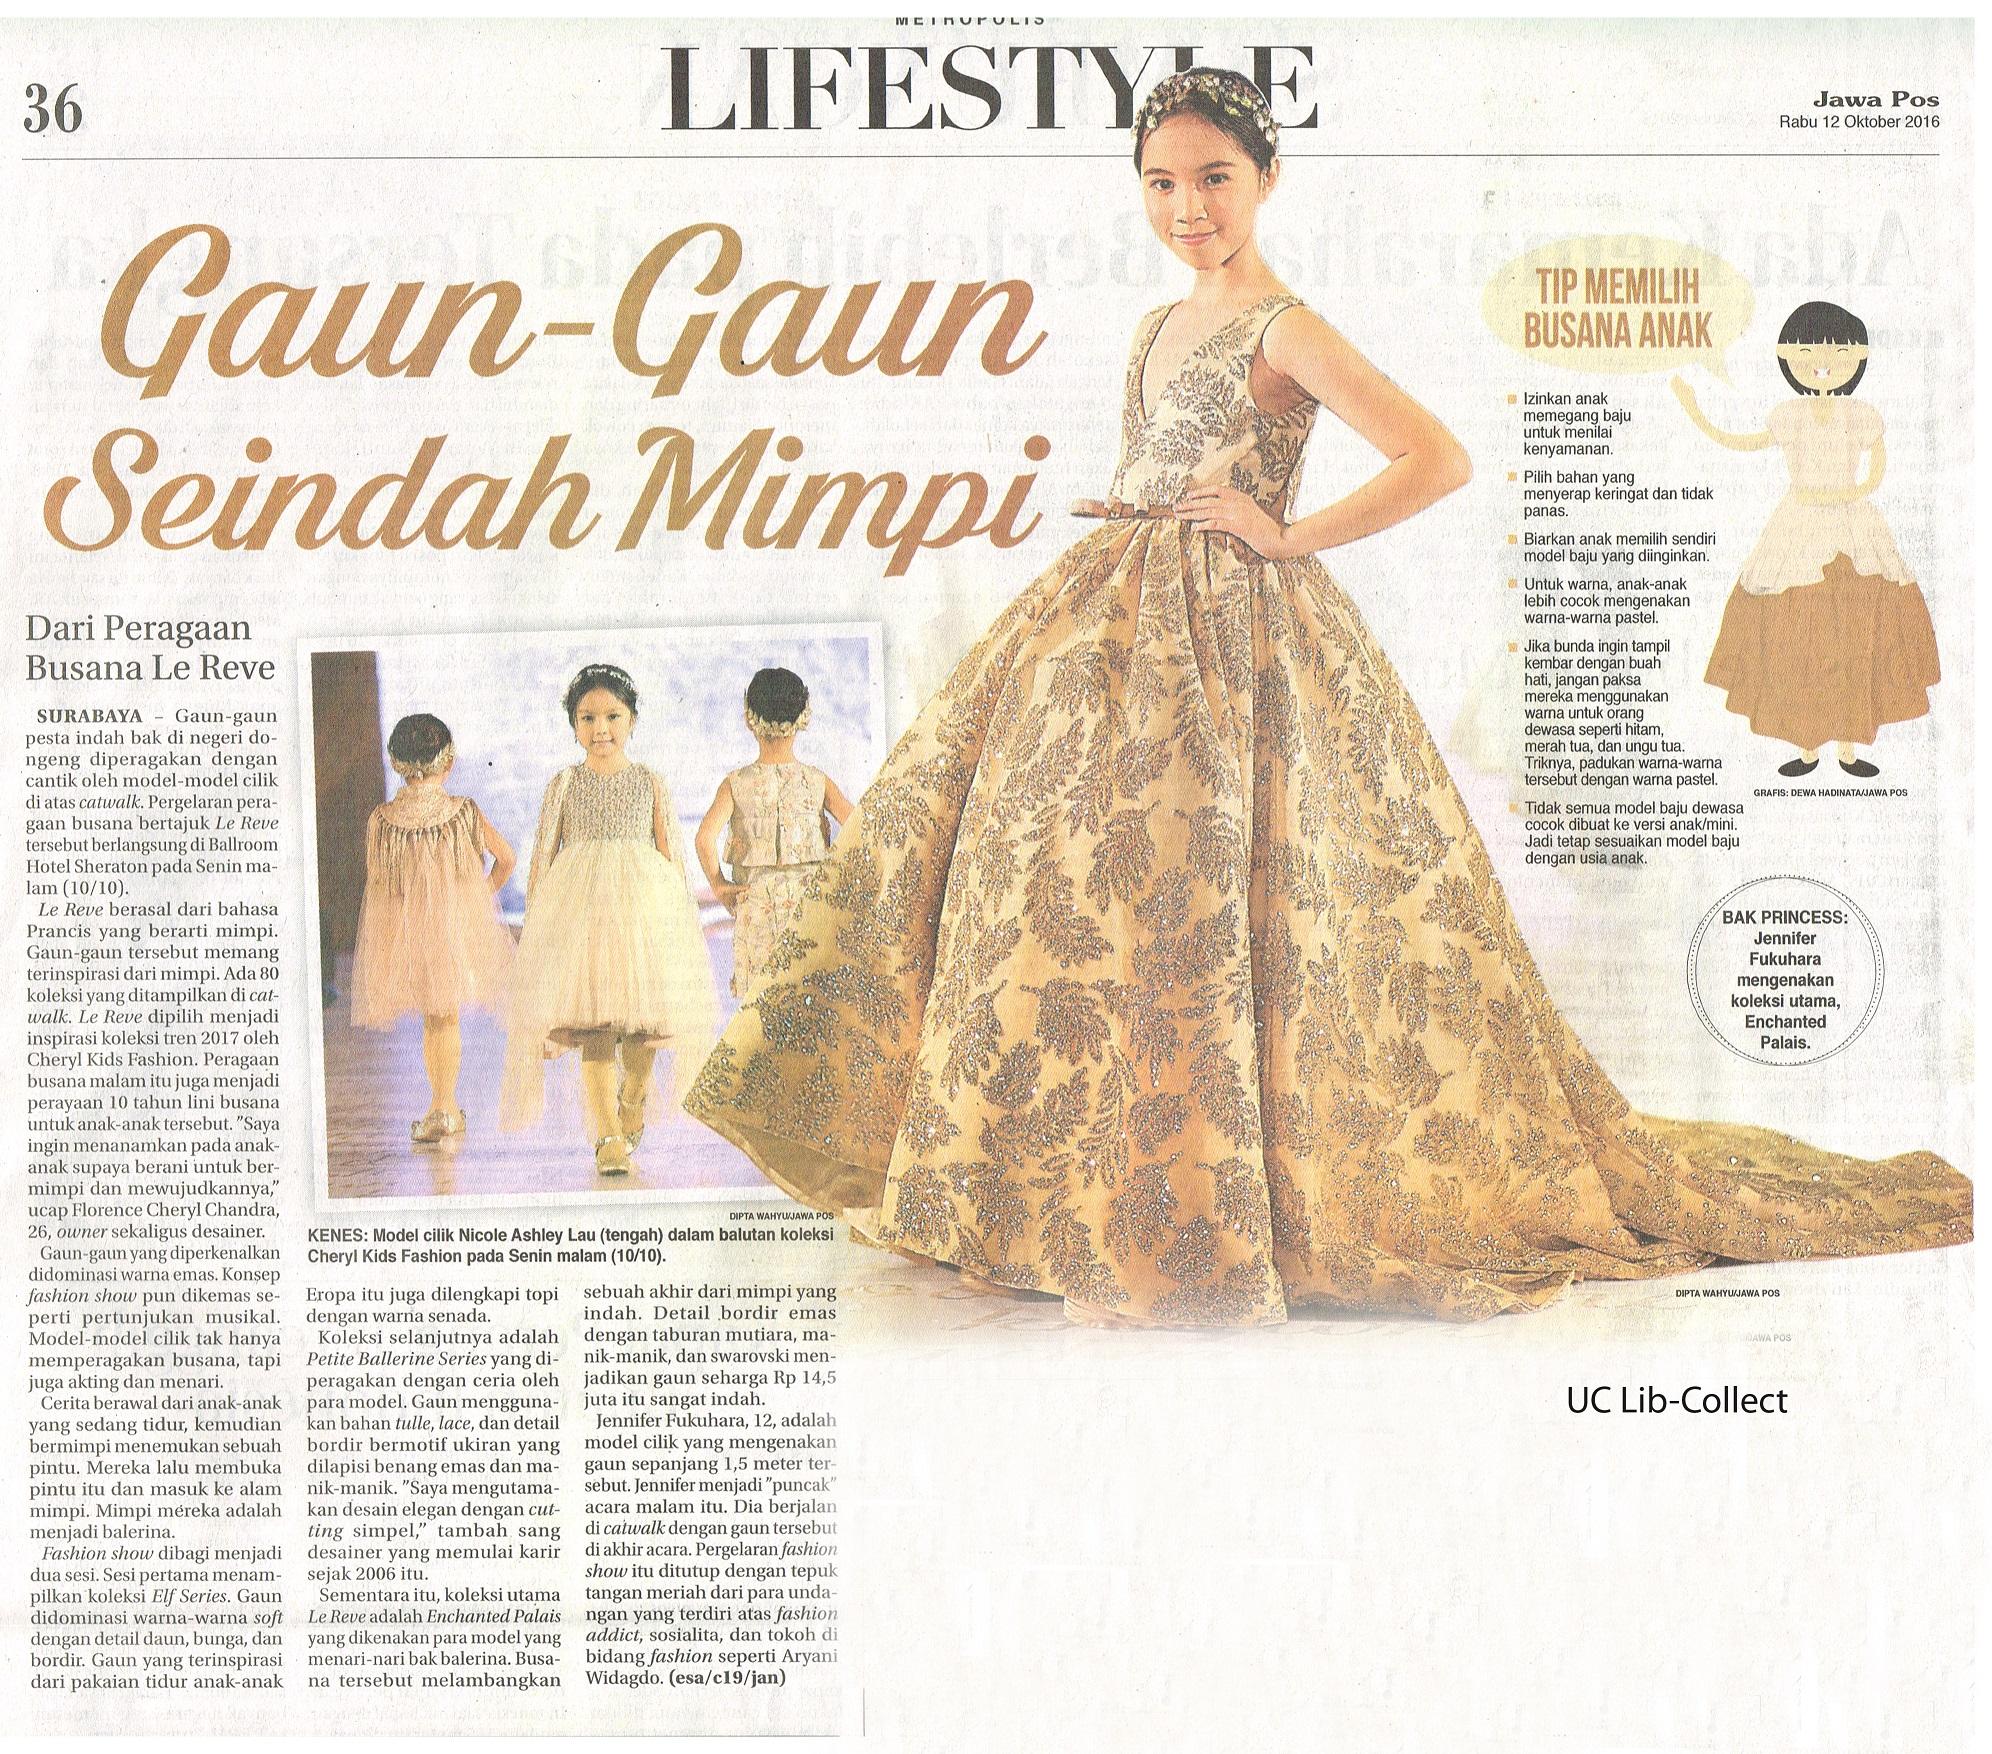 Gaun-Gaun Seindah Mimpi. Jawa Pos. 12 Oktober 2016.Hal.36